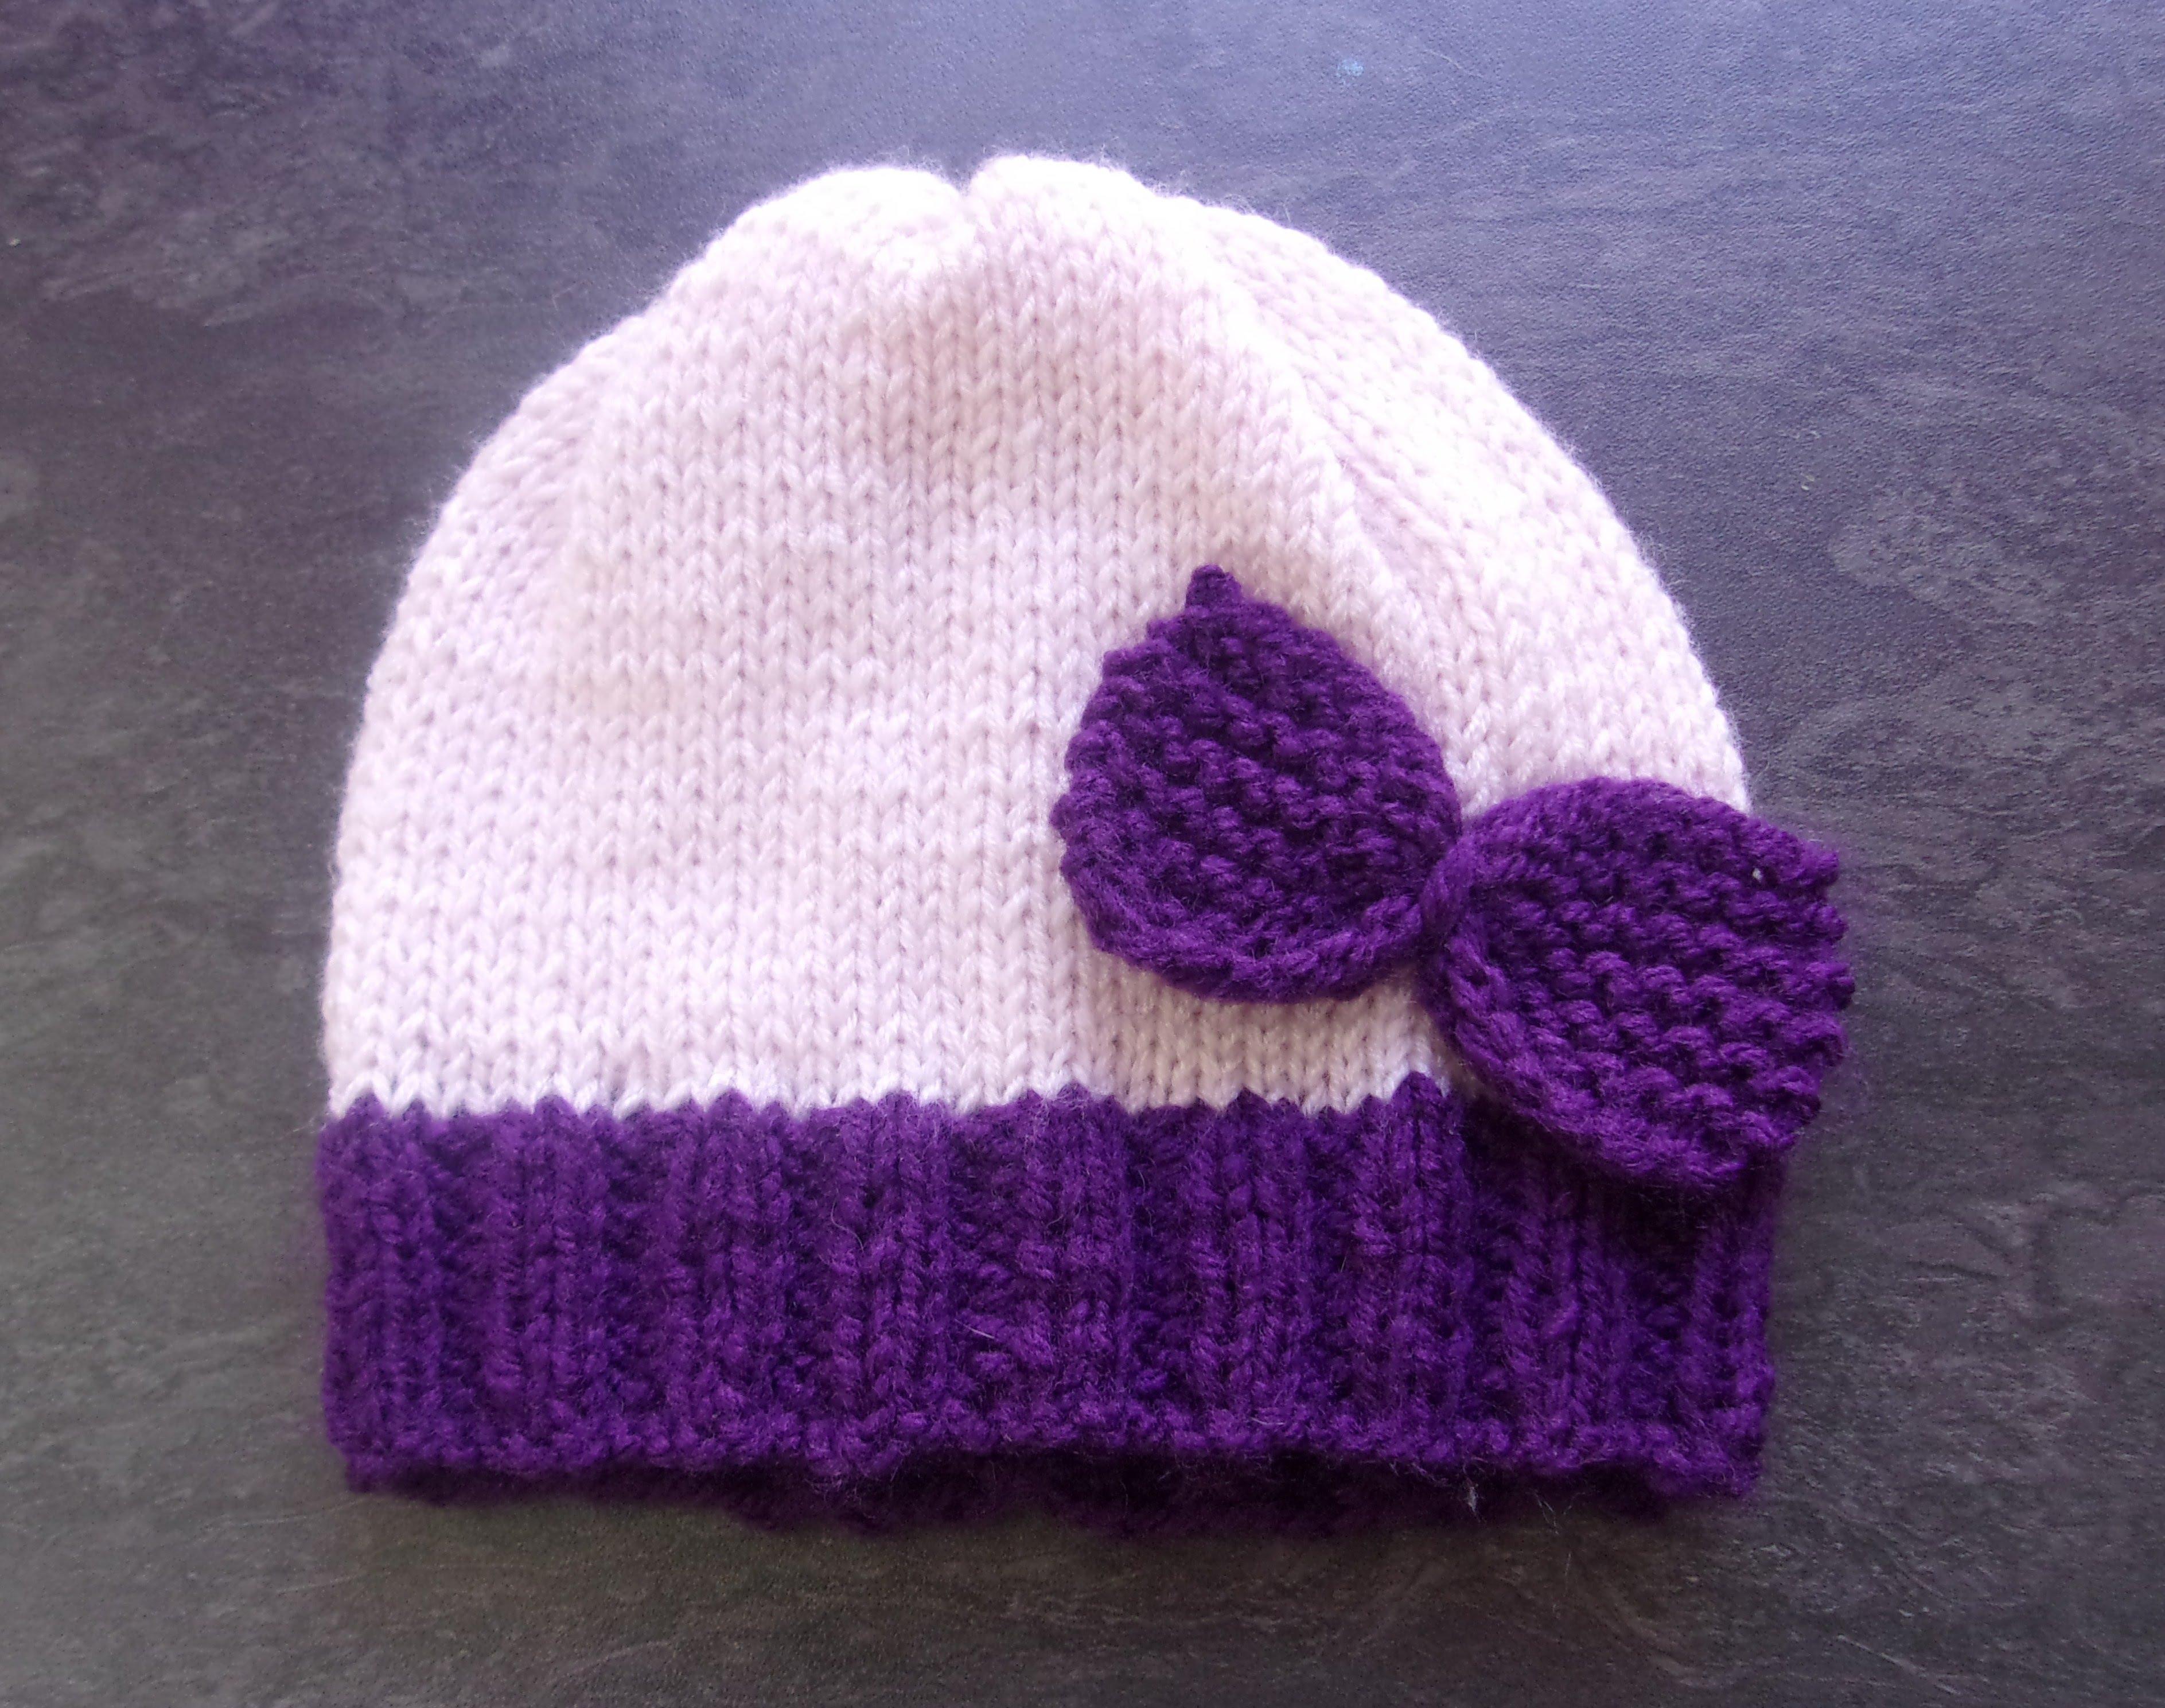 Youtube tricoter un bonnet - Idées de tricot gratuit 82c9ba662ce